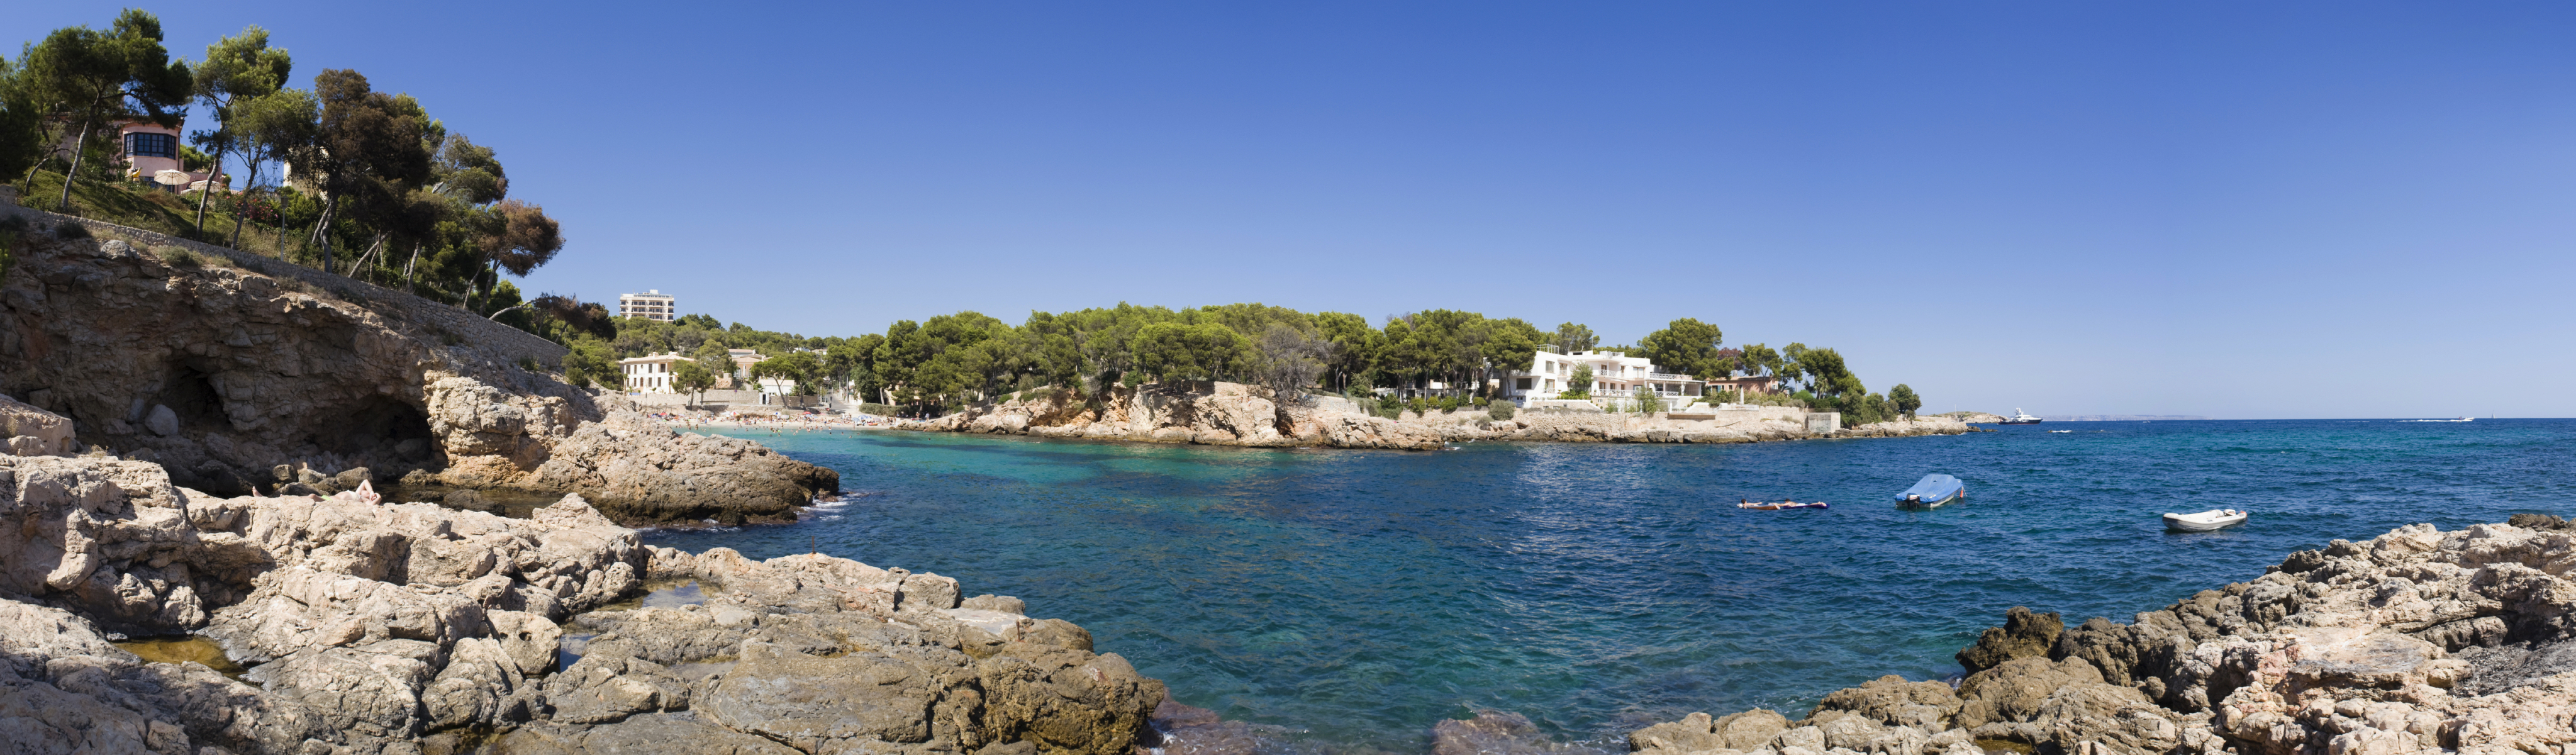 14 tage urlaub auf zypern im 4 sterne hotel princess beach. Black Bedroom Furniture Sets. Home Design Ideas